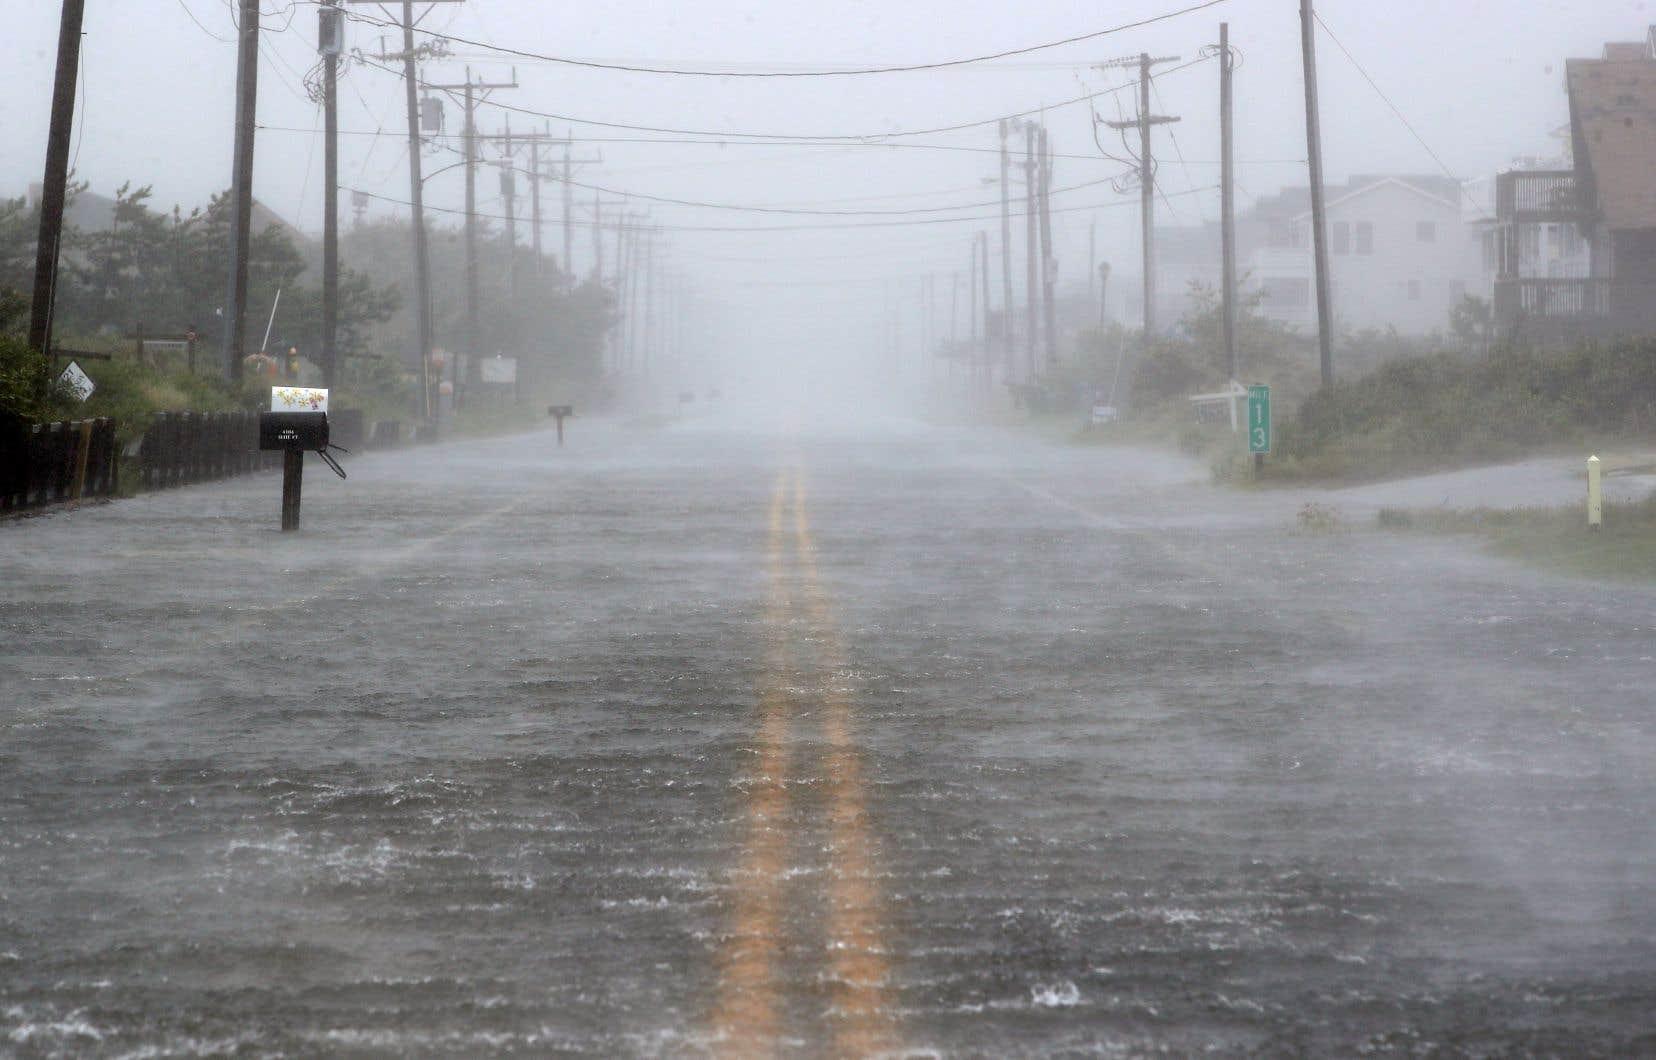 L'ouragan «Dorian» de catégorie 3 est remonté par la Caroline du Sud, puis la Caroline du Nord avant de rétrograder en catégorie 1 entraînant de fortes pluies.